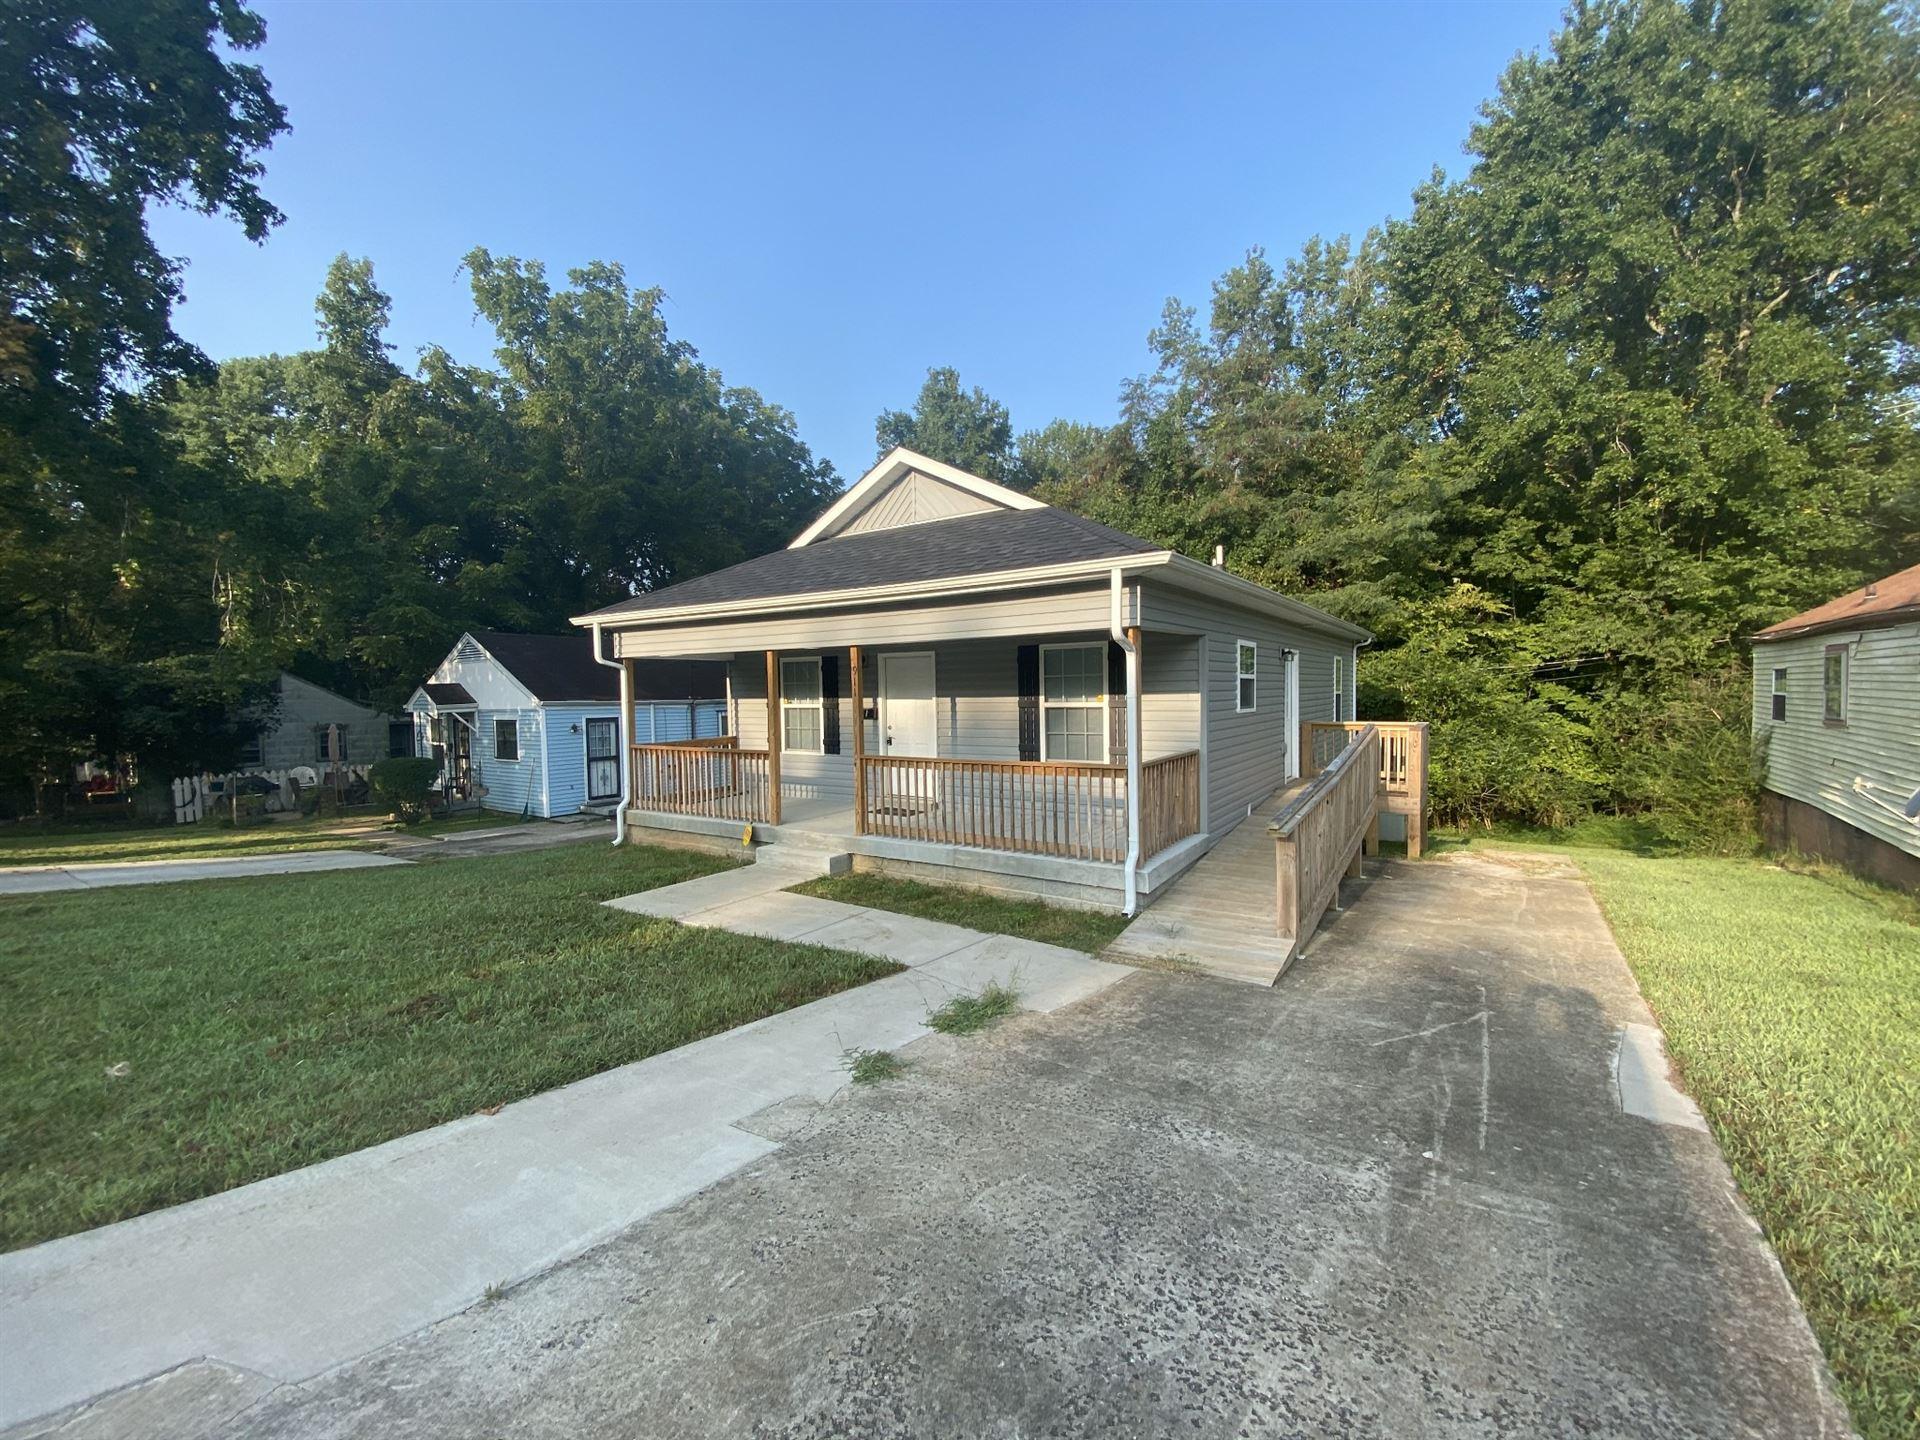 911 Dumas Dr, Clarksville, TN 37040 - MLS#: 2188475